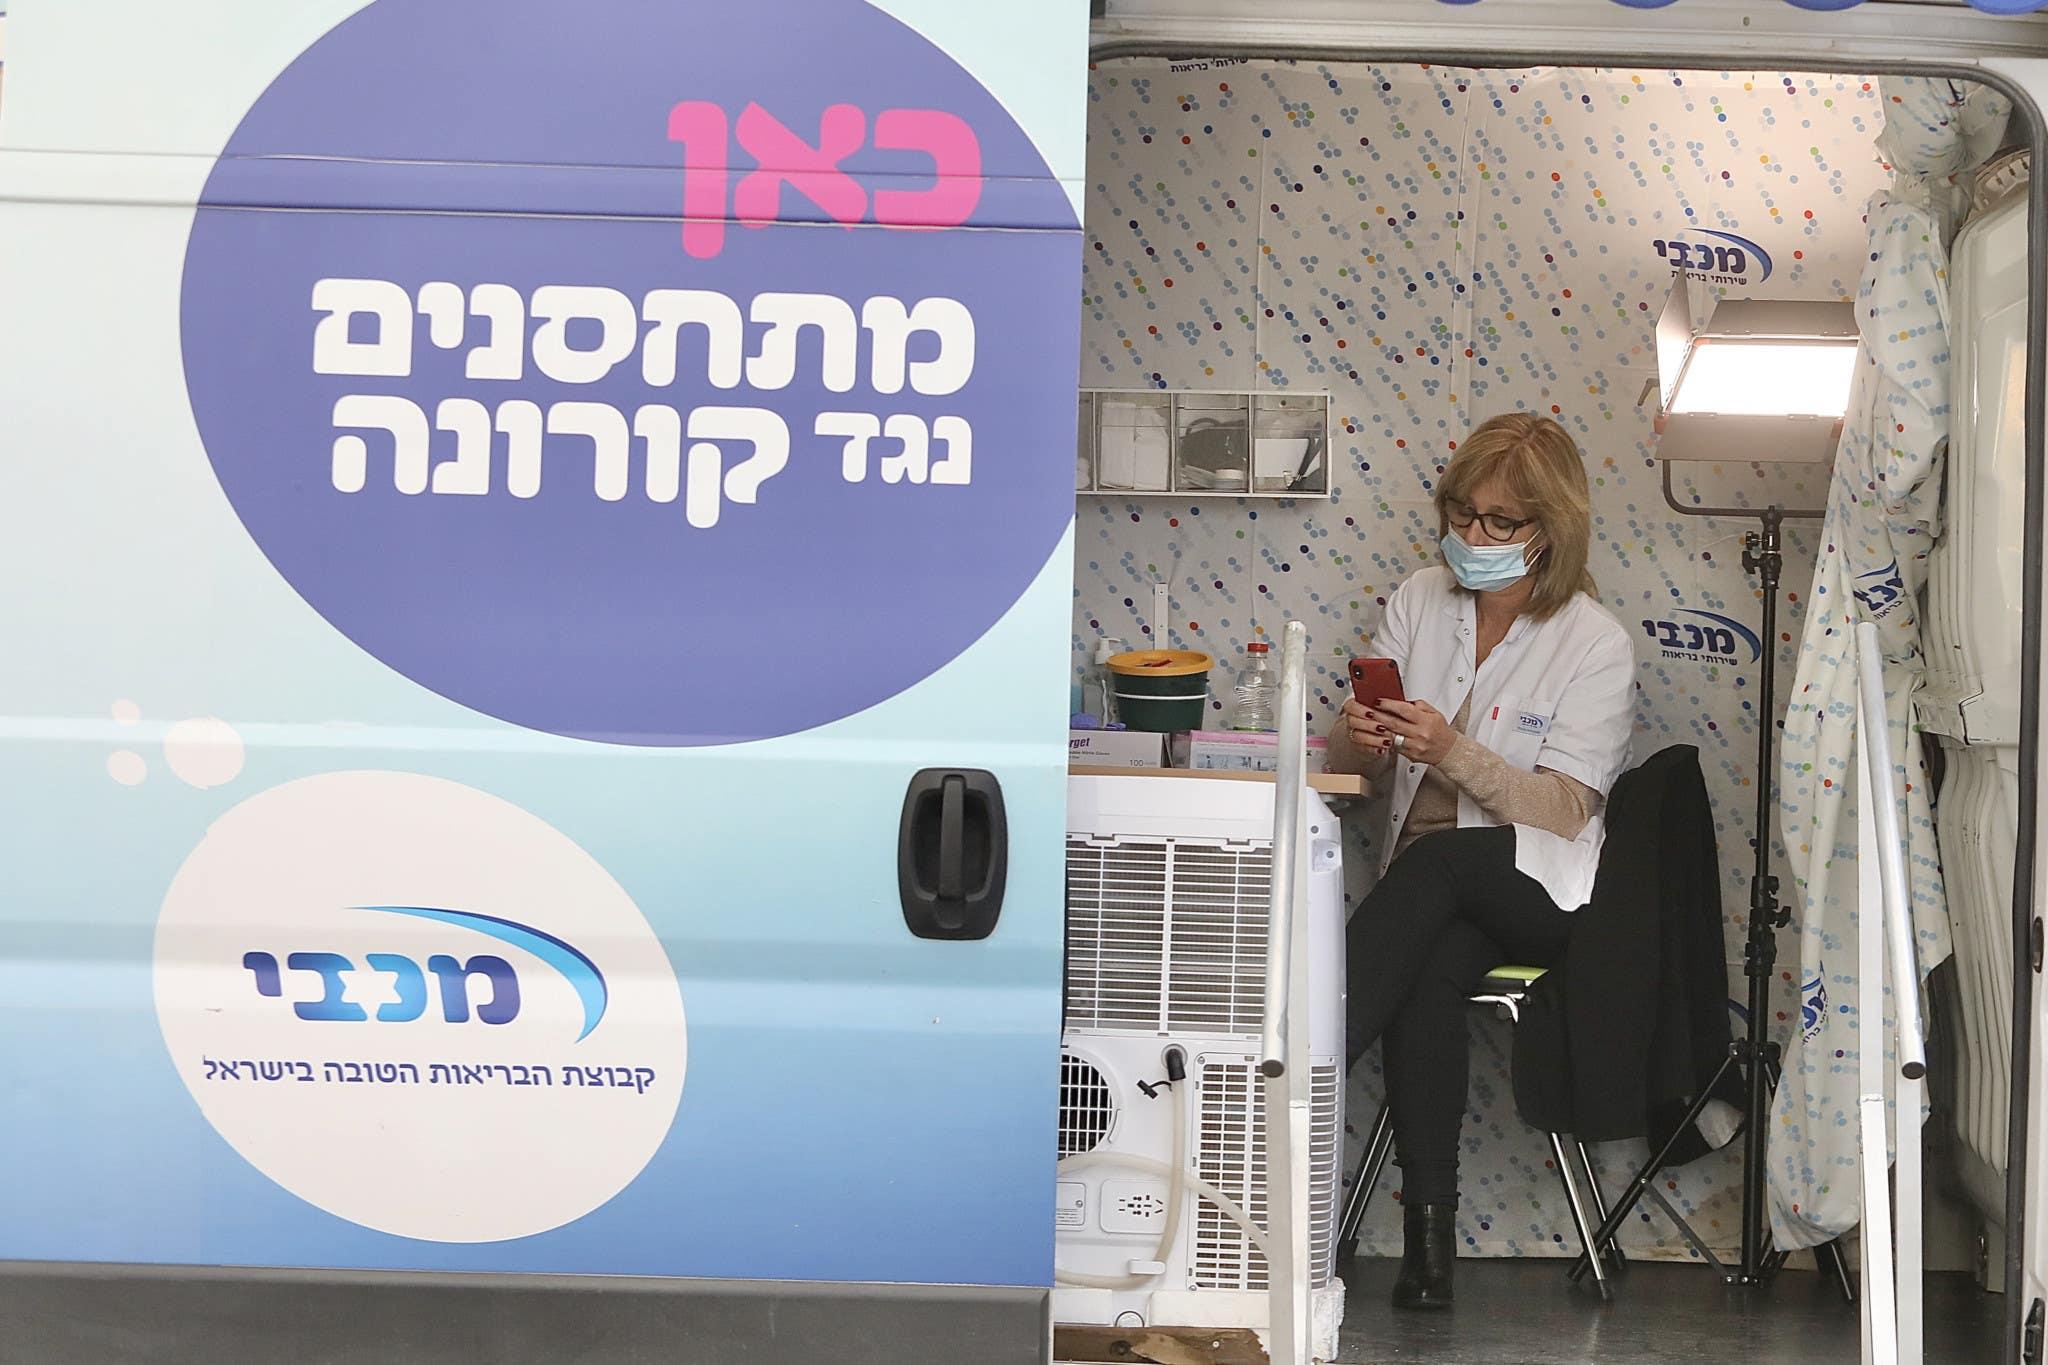 Израиль в лидерах по темпам вакцинации от коронавируса